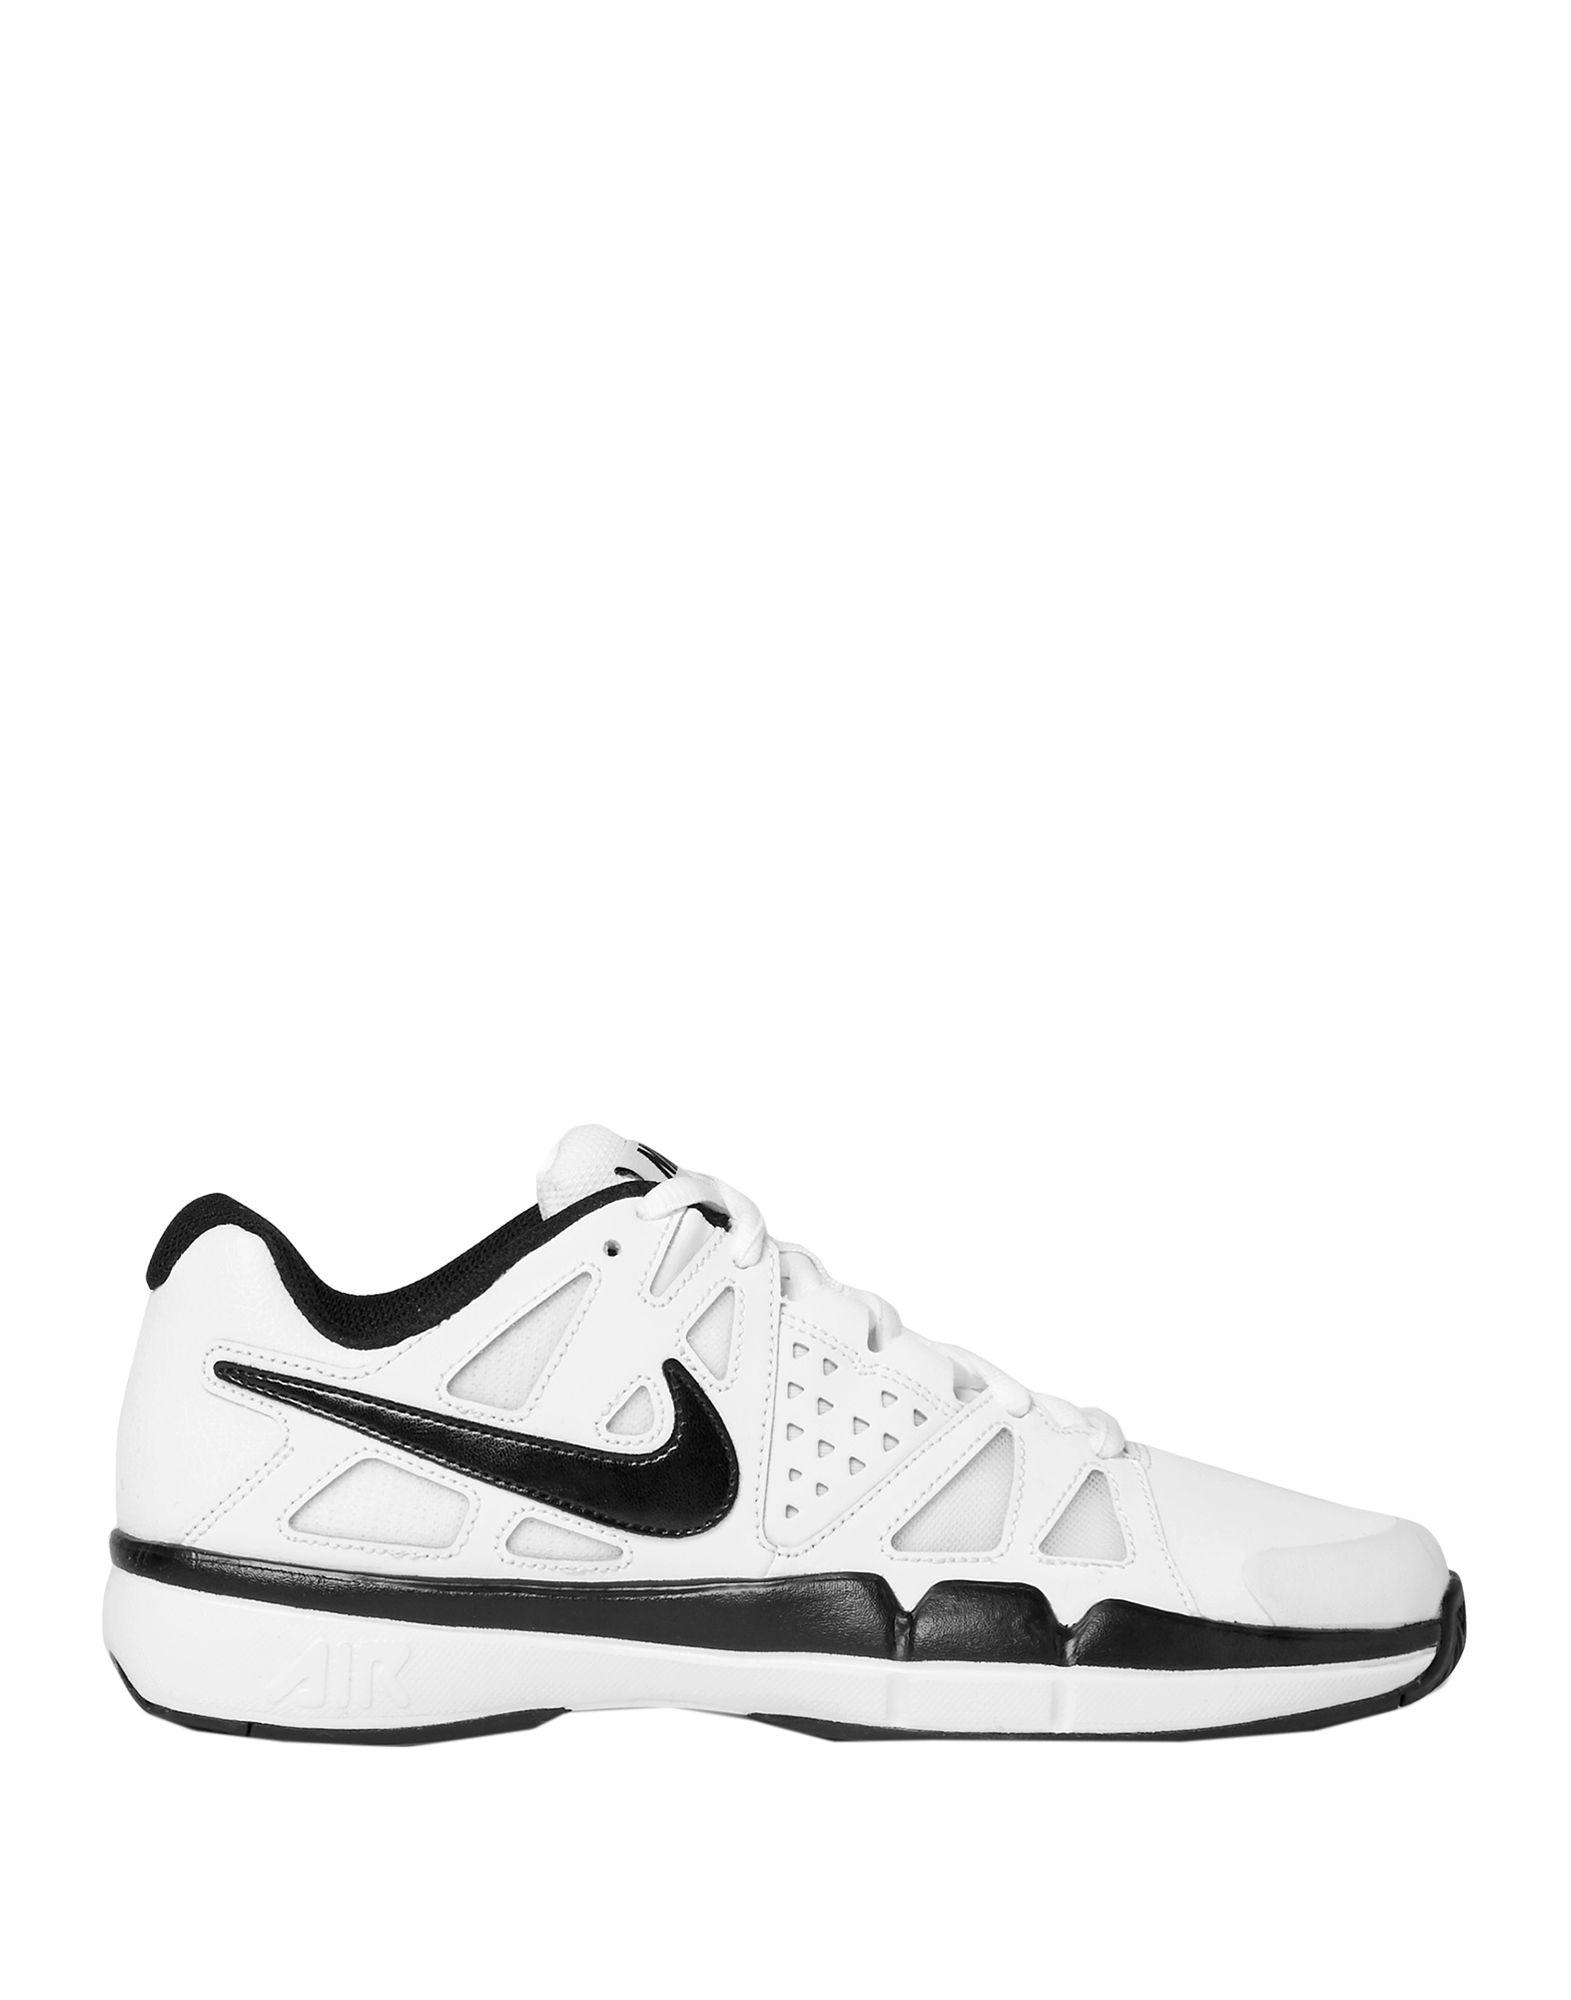 Nike Sneakers - Men Nike Sneakers online 11541158BM on  Australia - 11541158BM online e05031